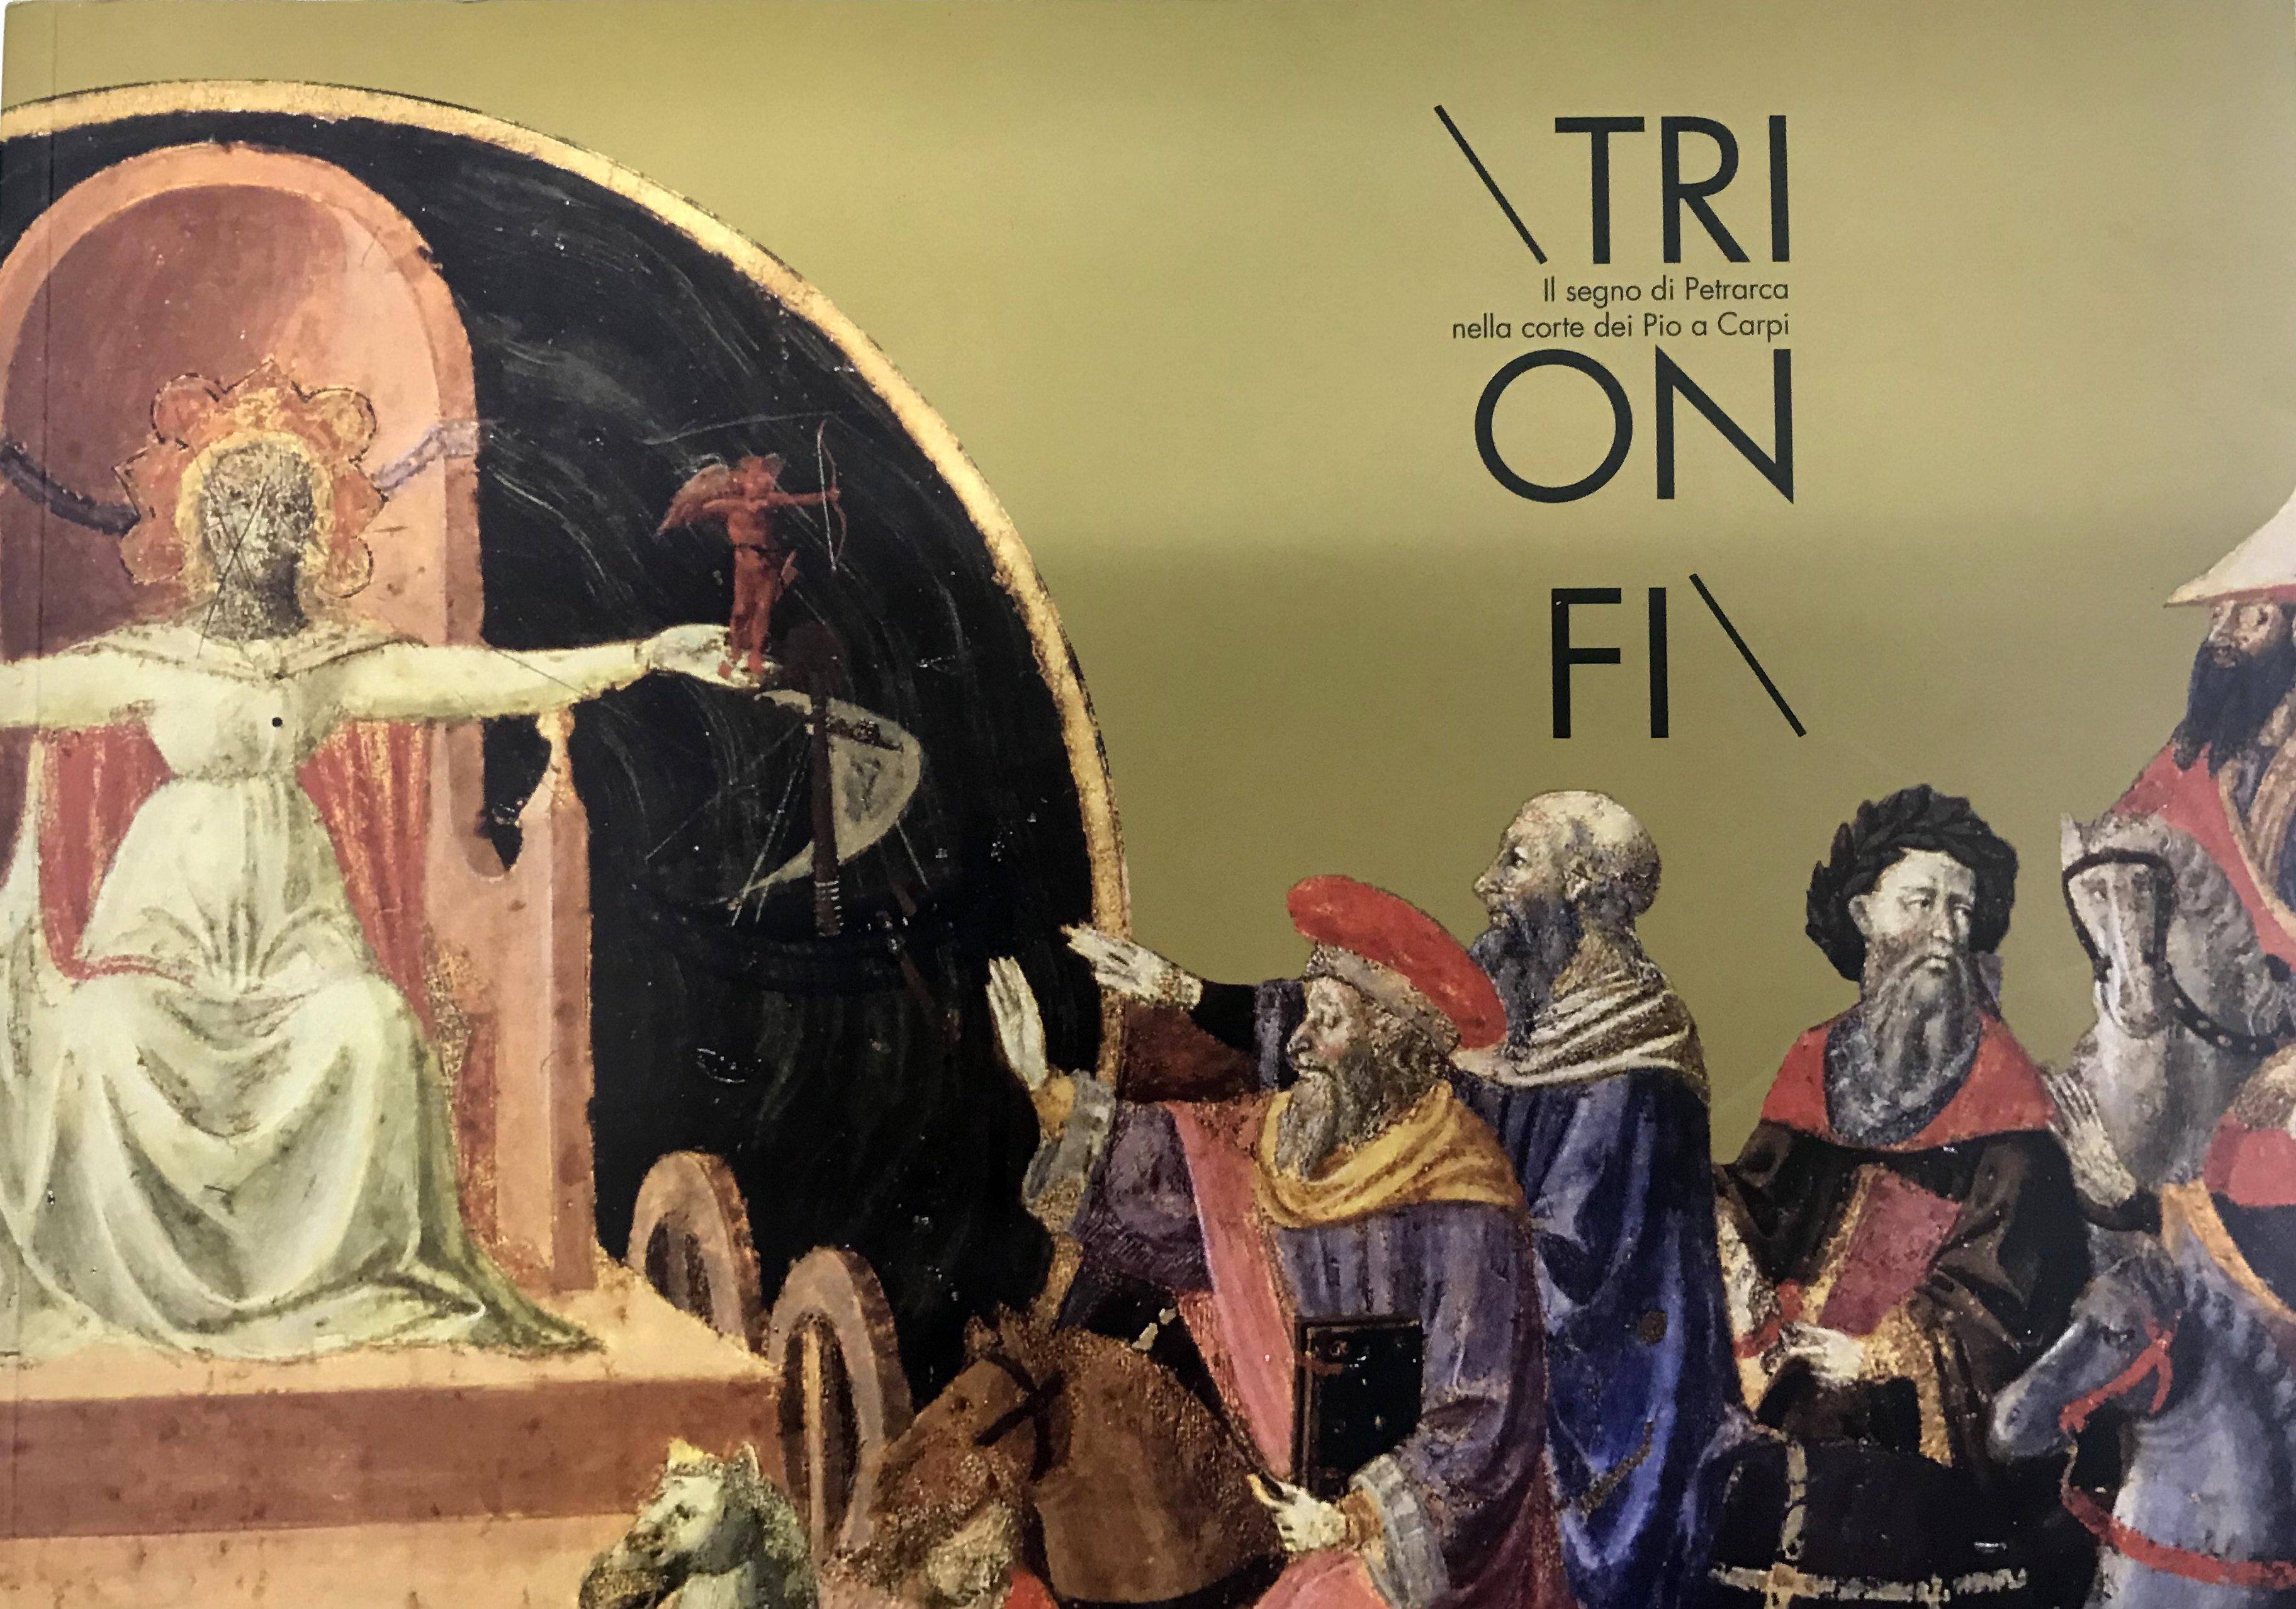 Trionfi. Il segno di Petrarca nella Corte dei Pio a Carpi